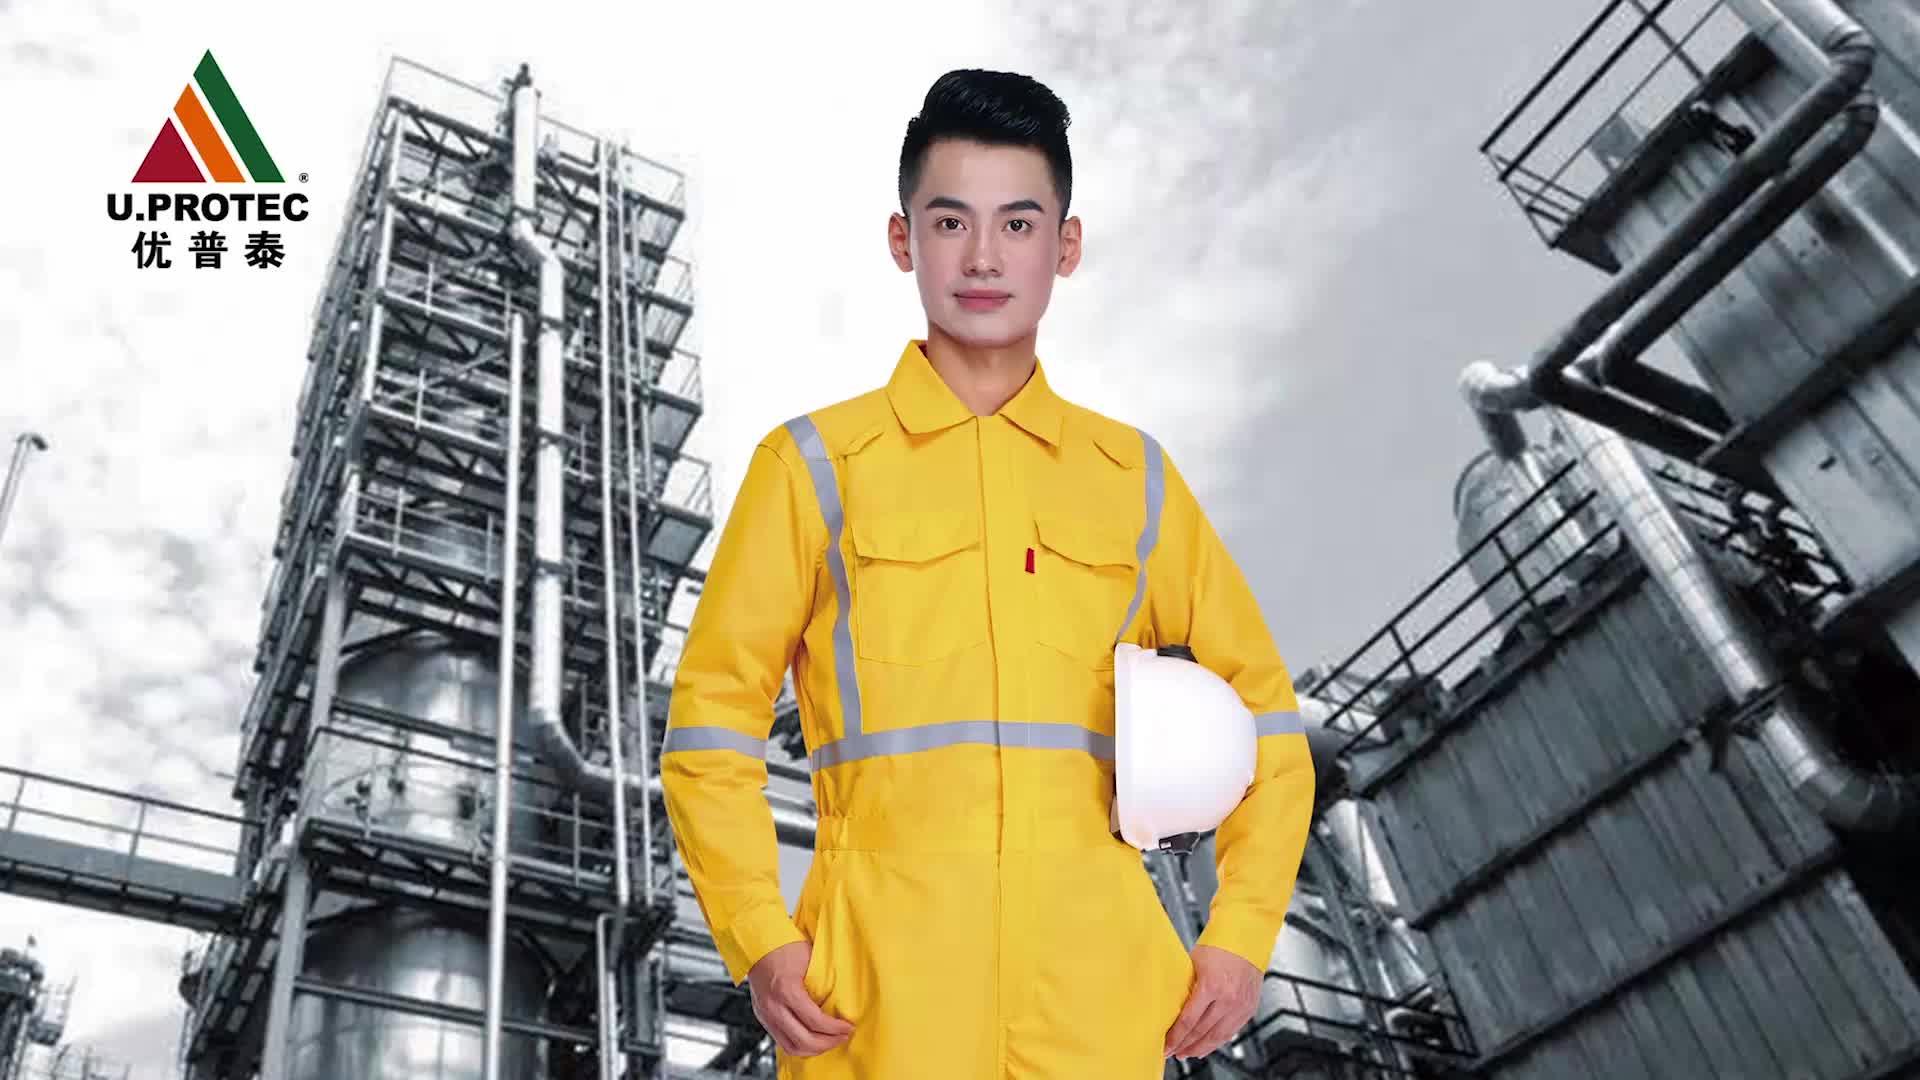 Hohe Sichtbarkeit FR Nomex Dupont Schutz Inhärenten Feuer Beständig Overall öl beständig overall